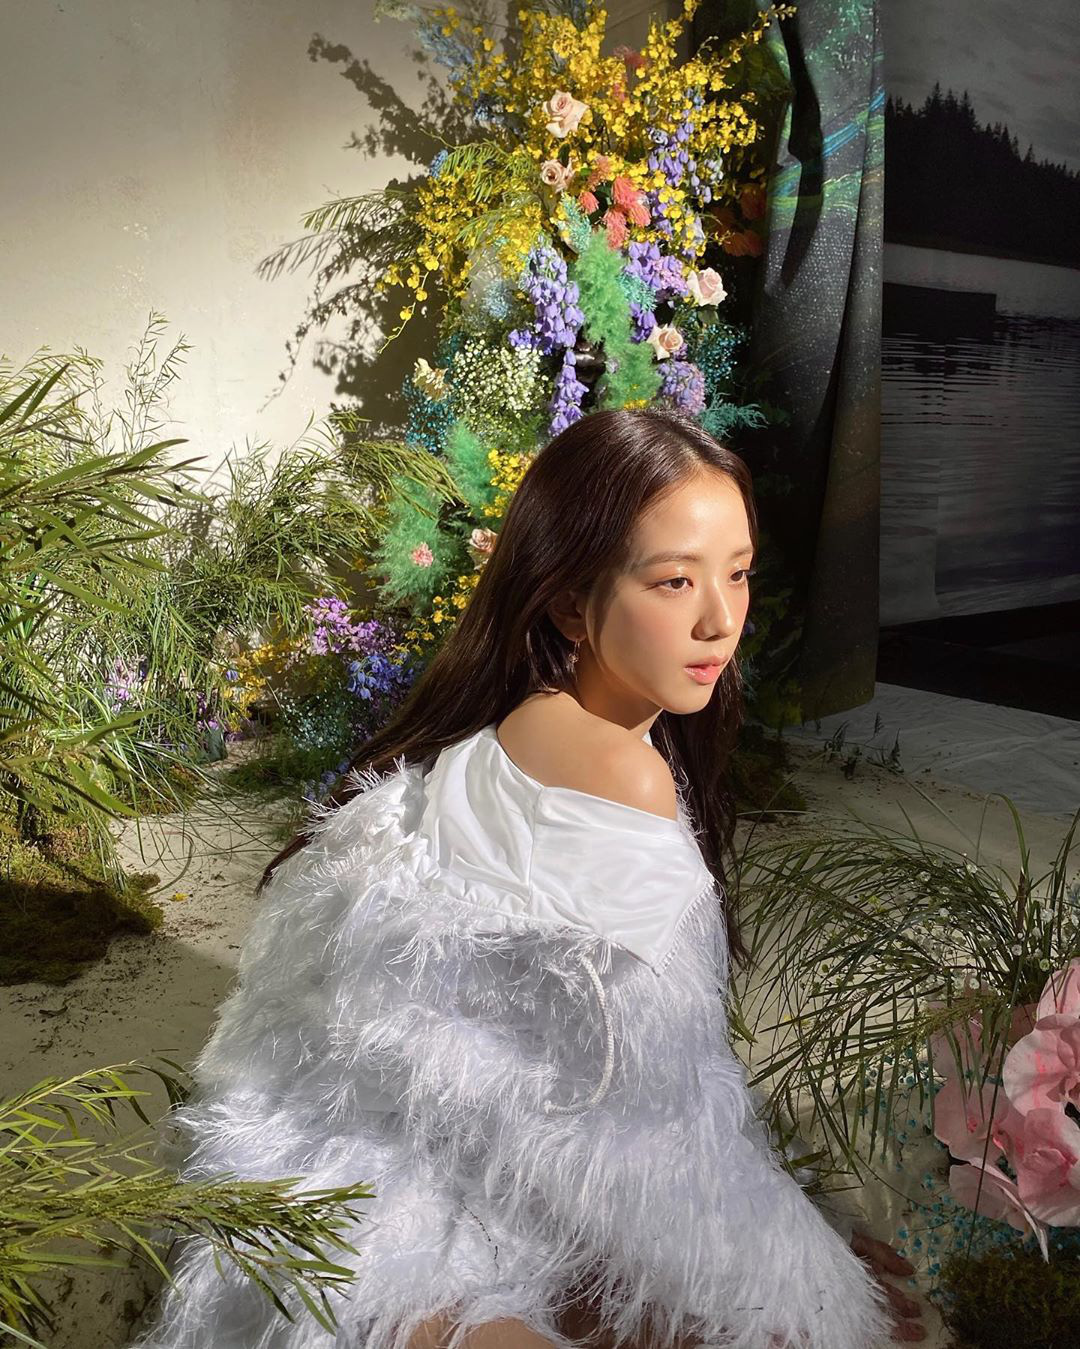 Quá ghen tị với Jisoo: Người đâu xinh đến mức cân hết những màu son bợt nhất, trông chẳng nhợt nhạt lại còn sang - Ảnh 5.